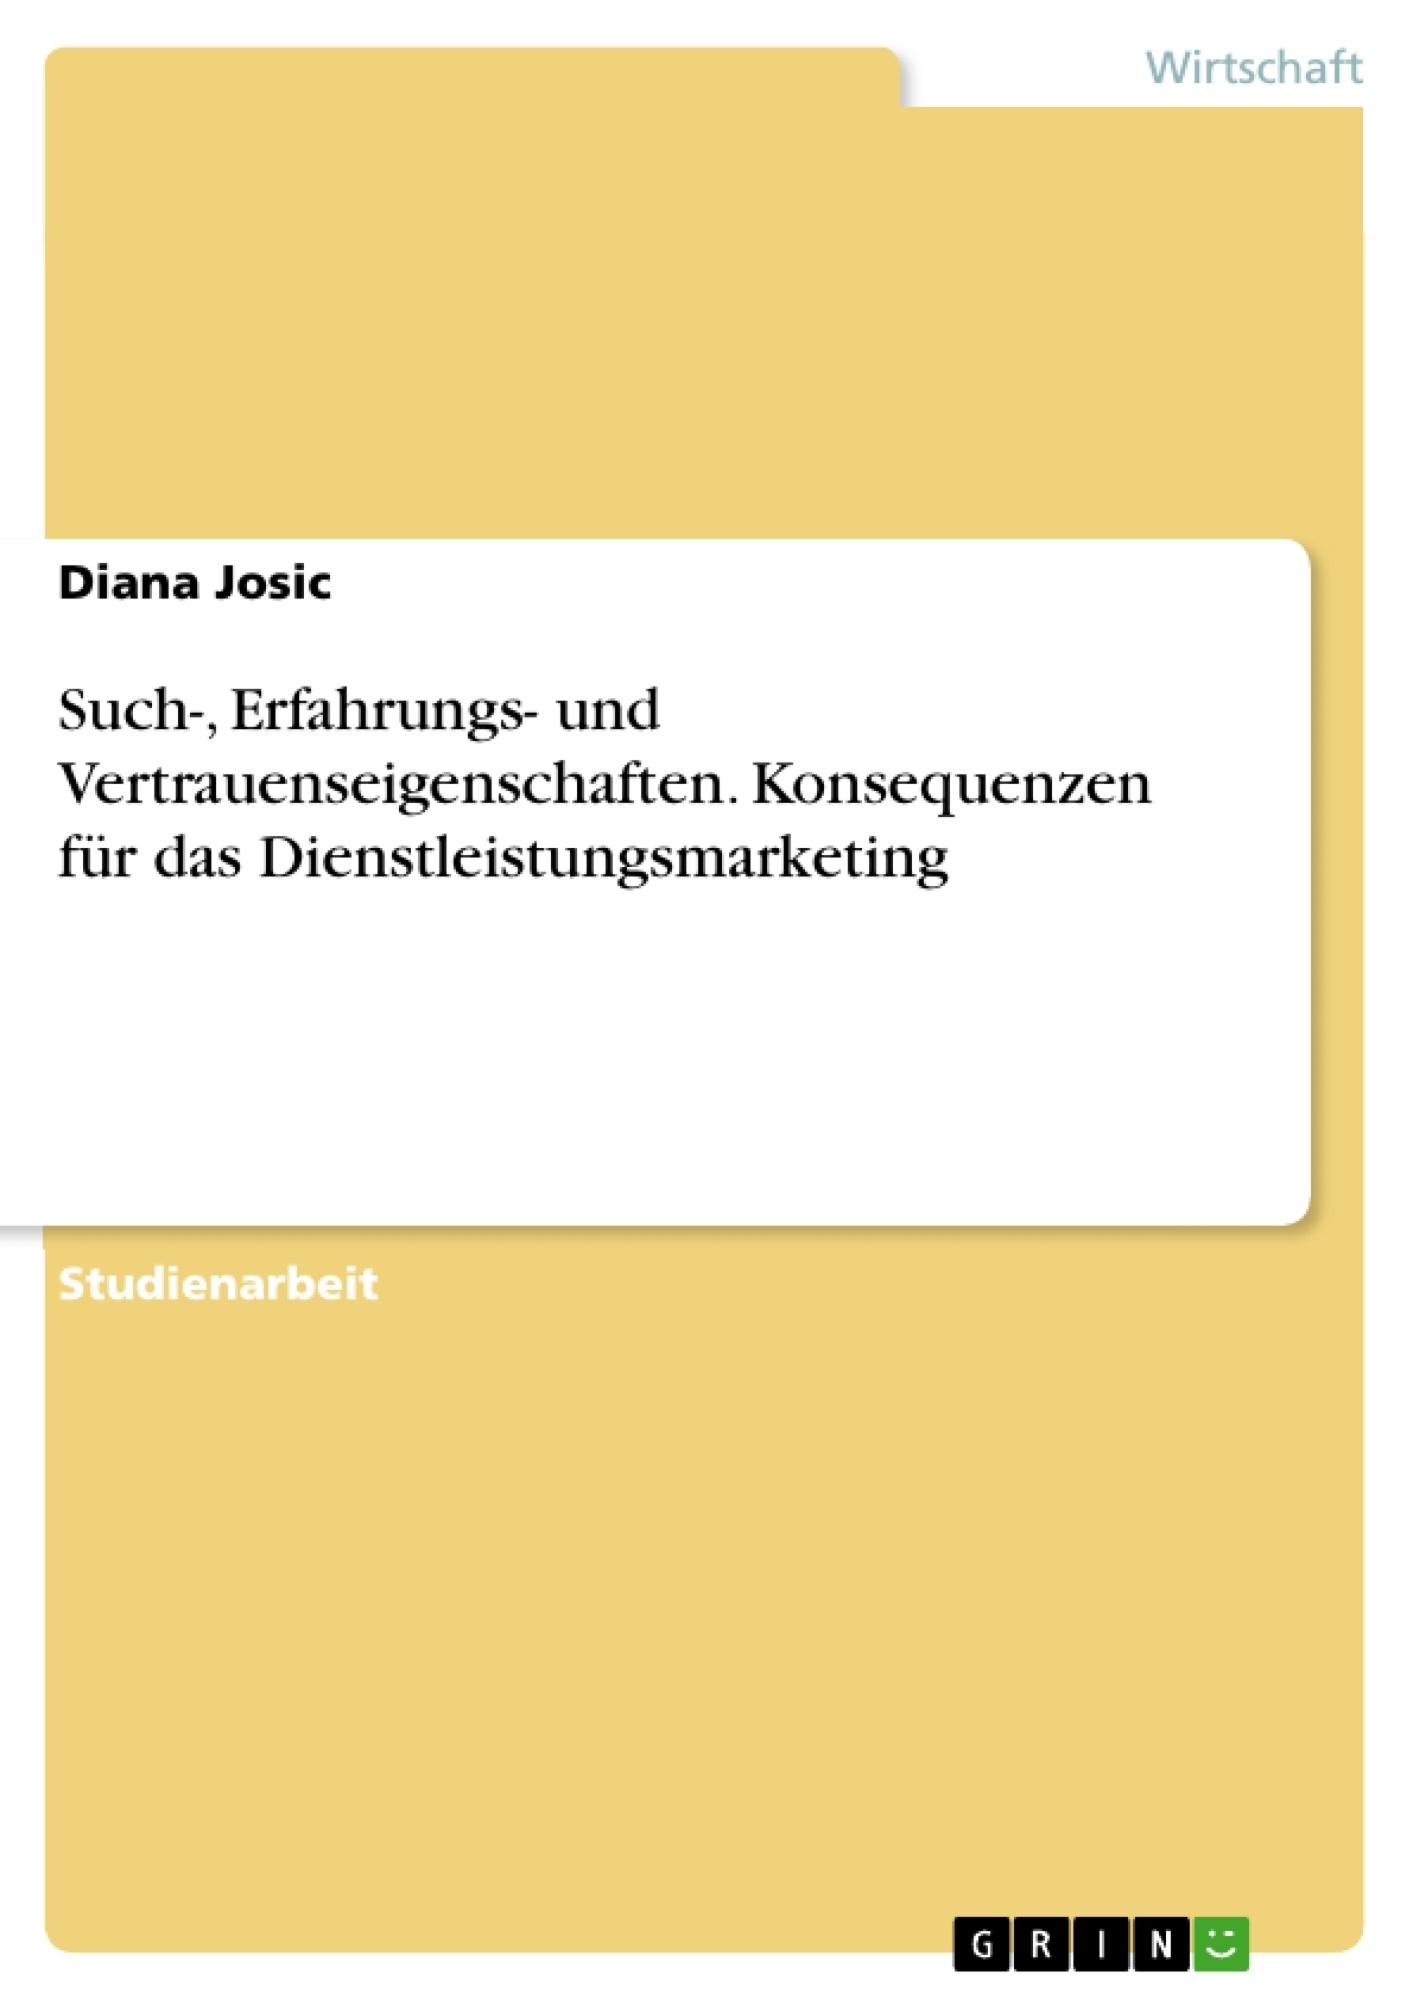 Titel: Such-, Erfahrungs- und Vertrauenseigenschaften. Konsequenzen für das Dienstleistungsmarketing